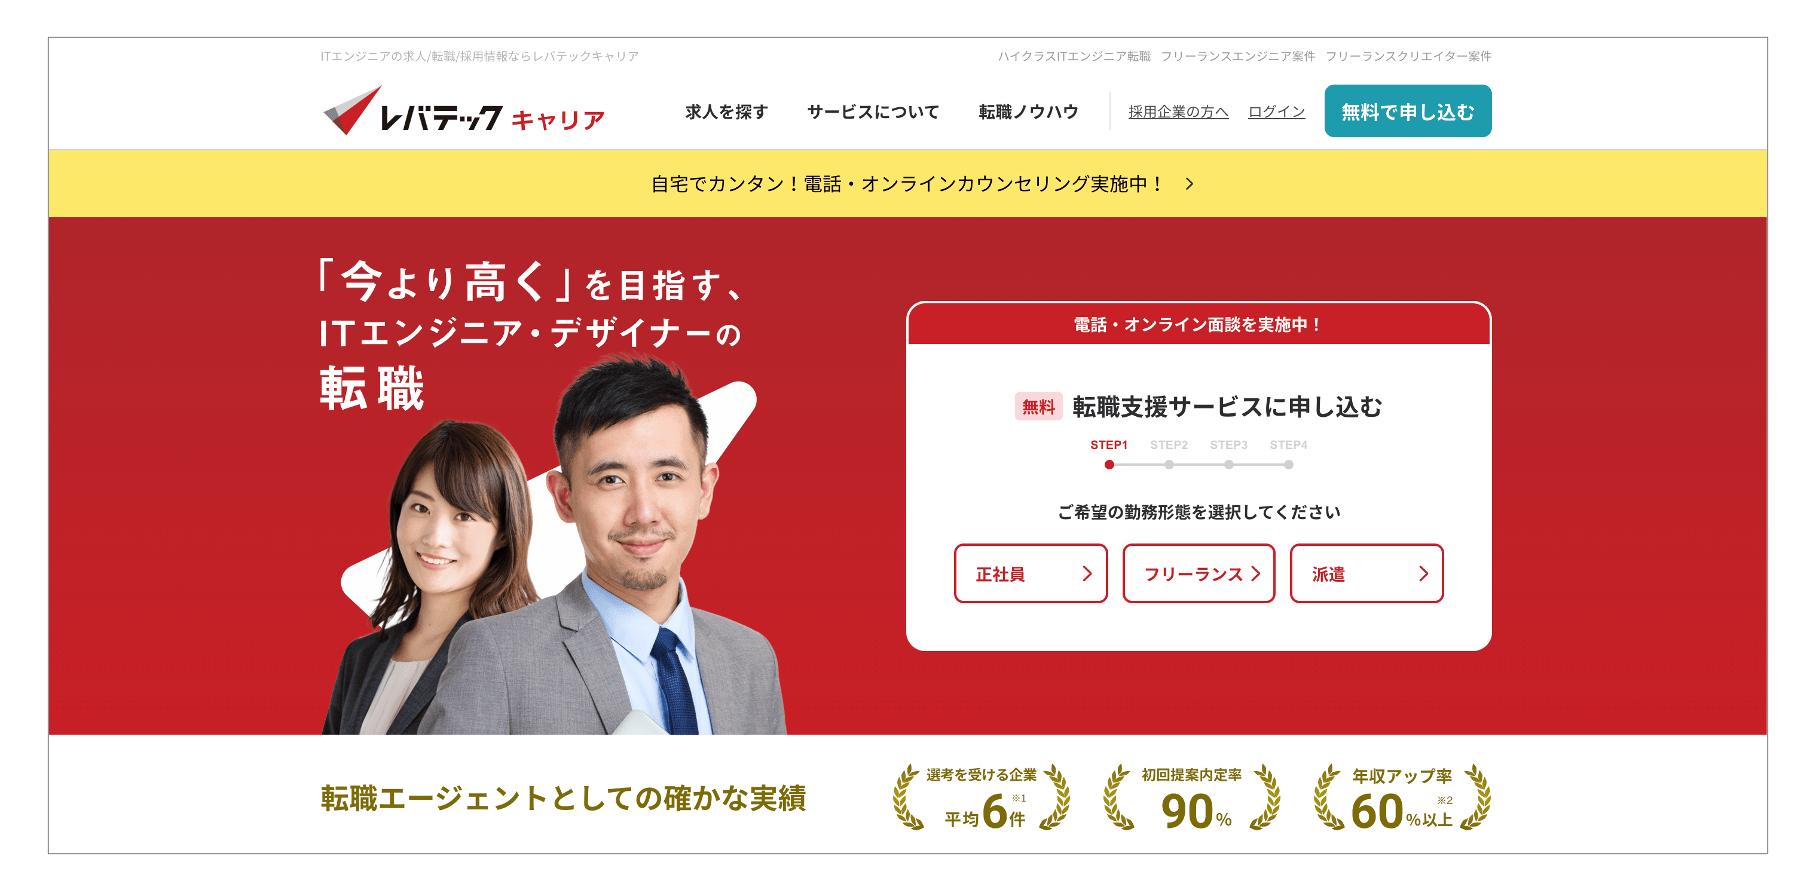 おすすめの転職サイト「レバテックキャリア」